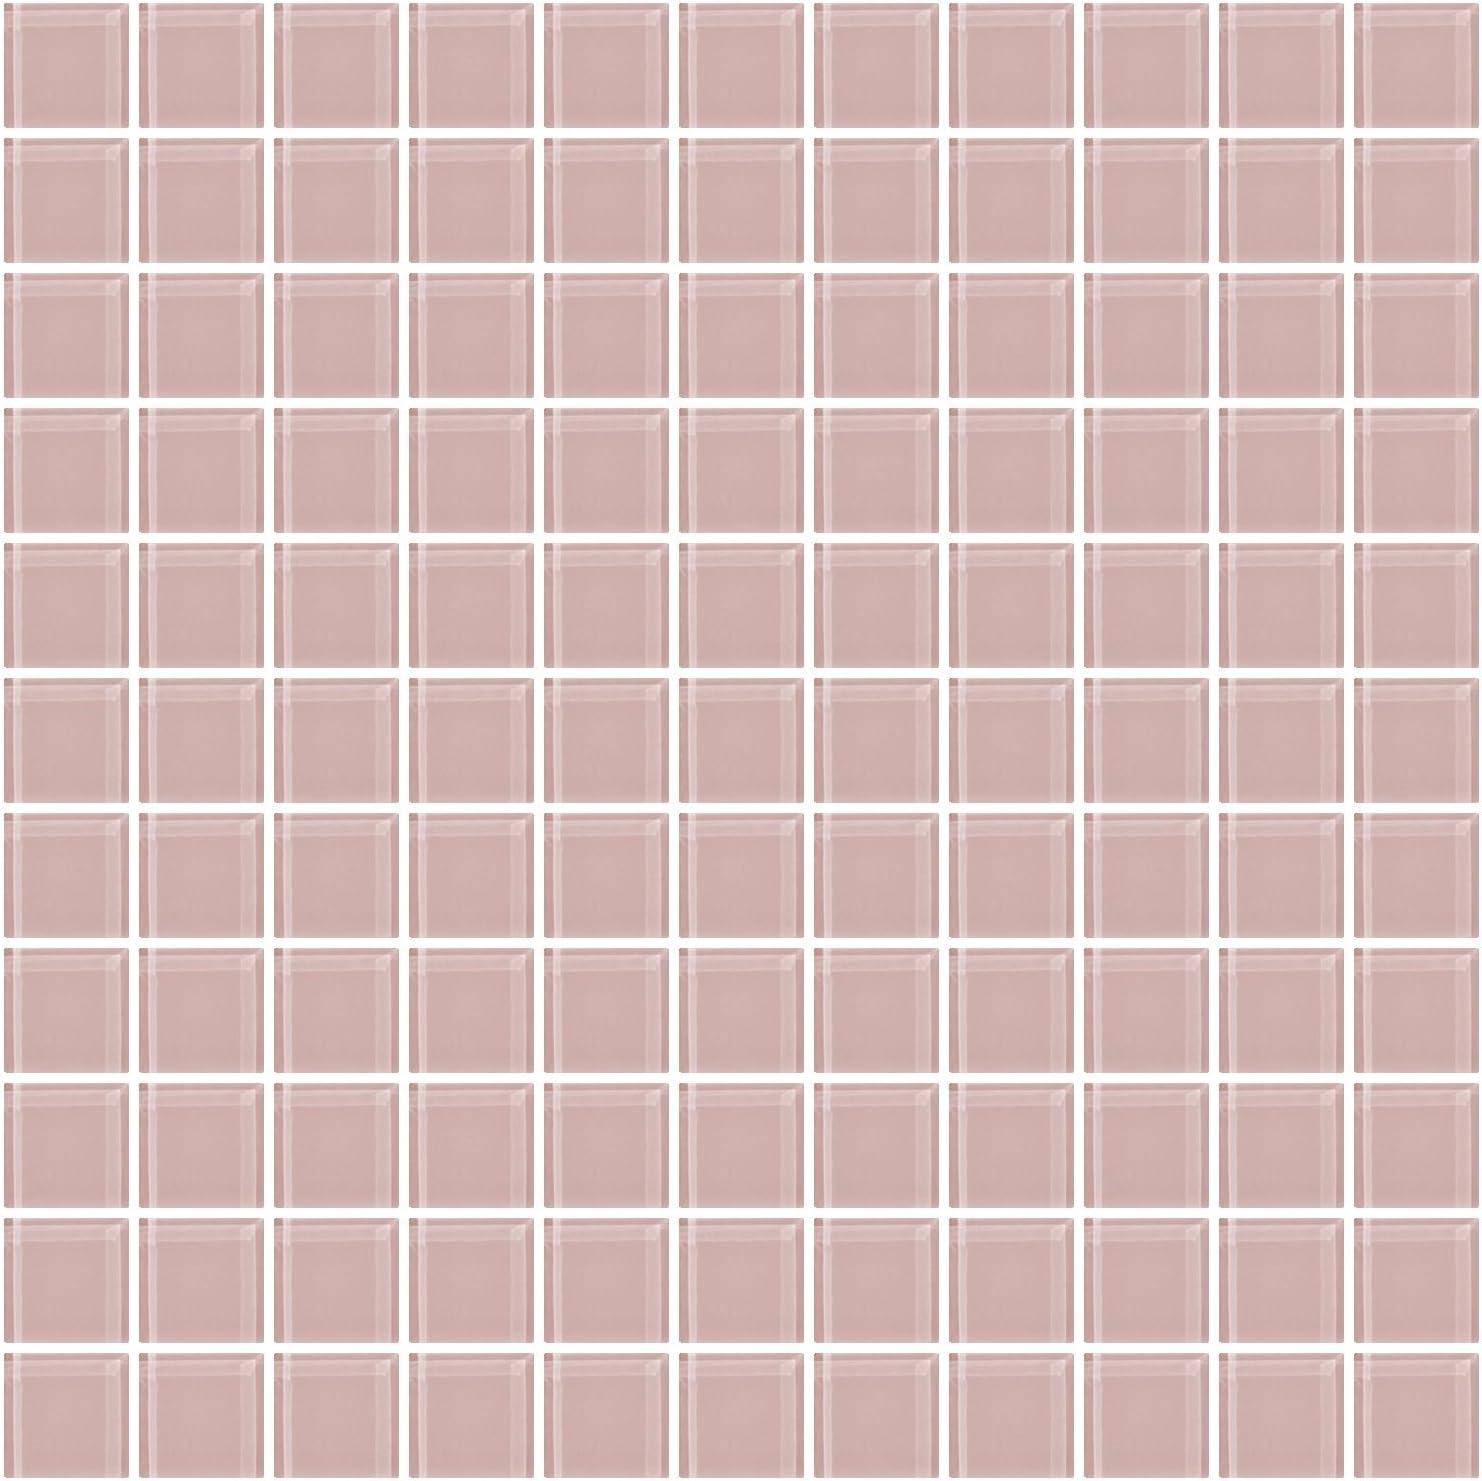 Susan Jablon Mosaics 1 Inch Watermelon Pink Glass Tile